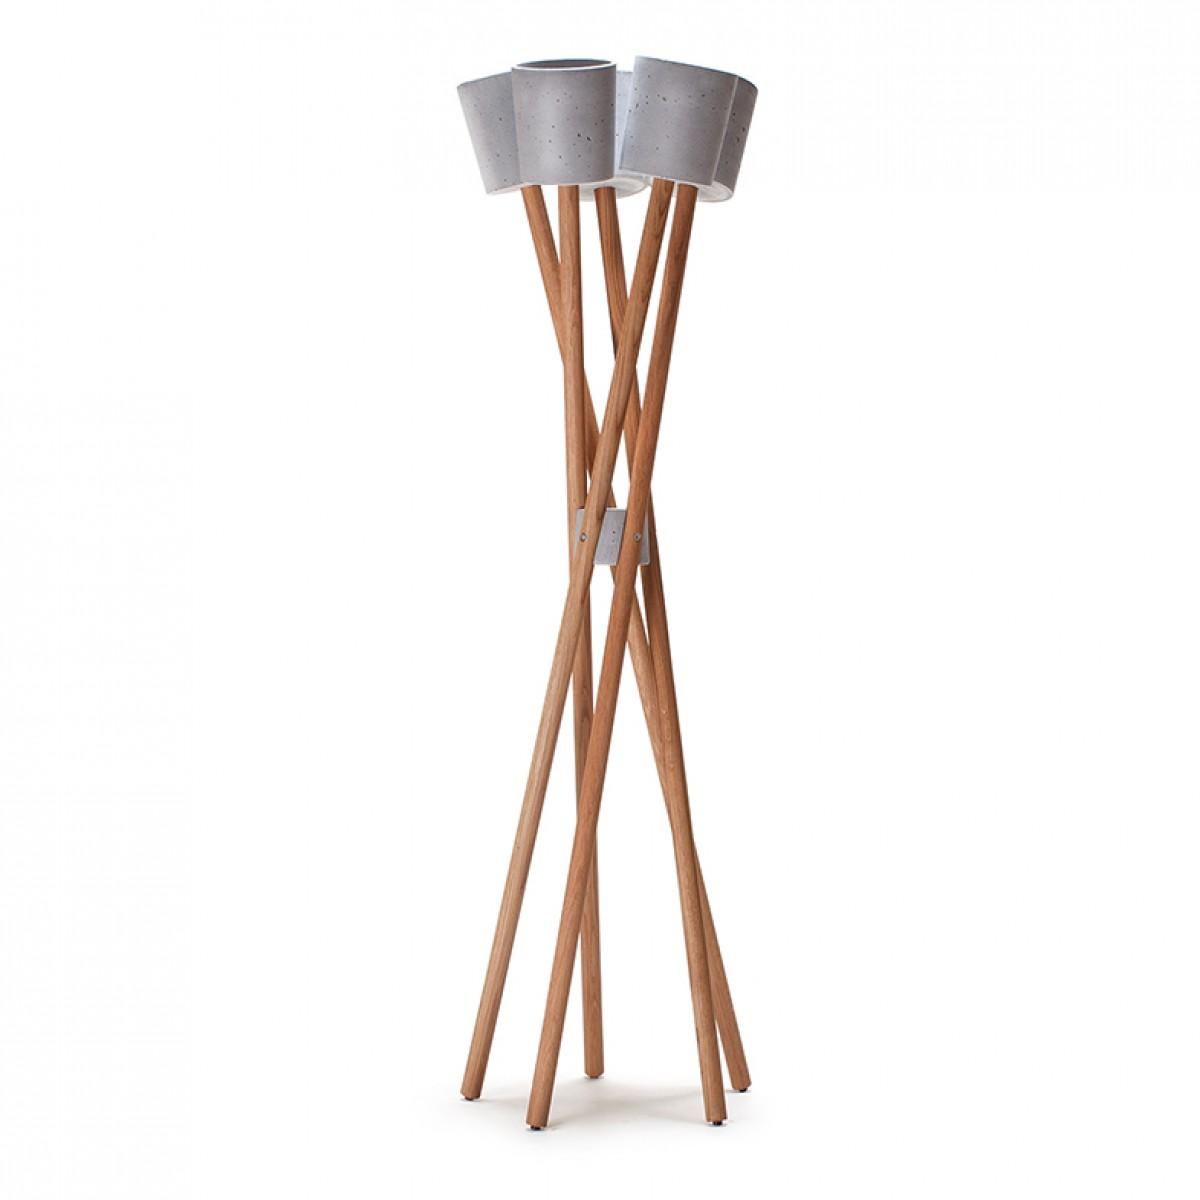 urbanature pflanzenst nder hochgarten eiche beton. Black Bedroom Furniture Sets. Home Design Ideas